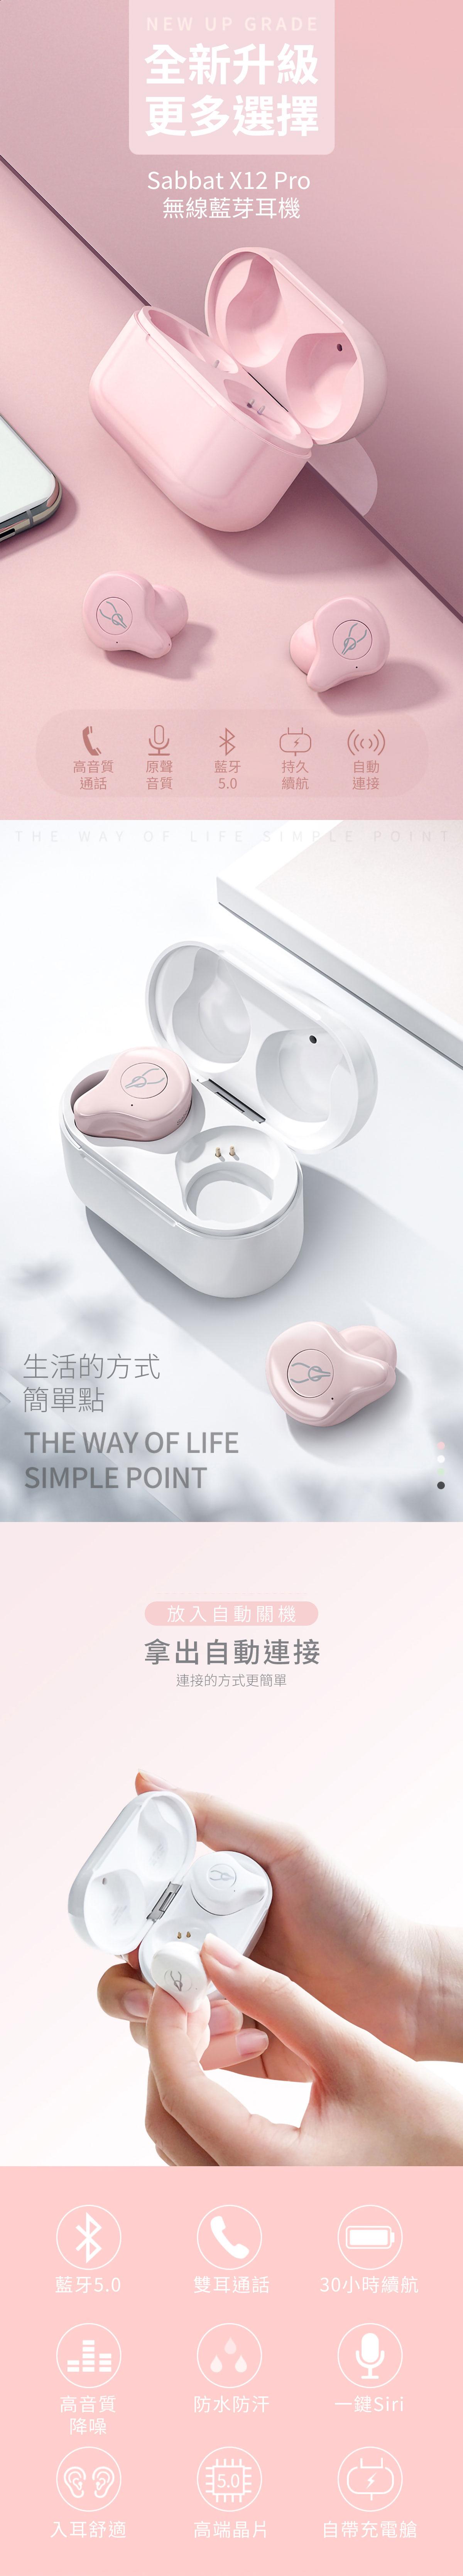 魔宴 Sabbat X12 Pro 無線藍牙耳機 最新藍牙5.0技術 日本Hi-Res認證 好音質有保障